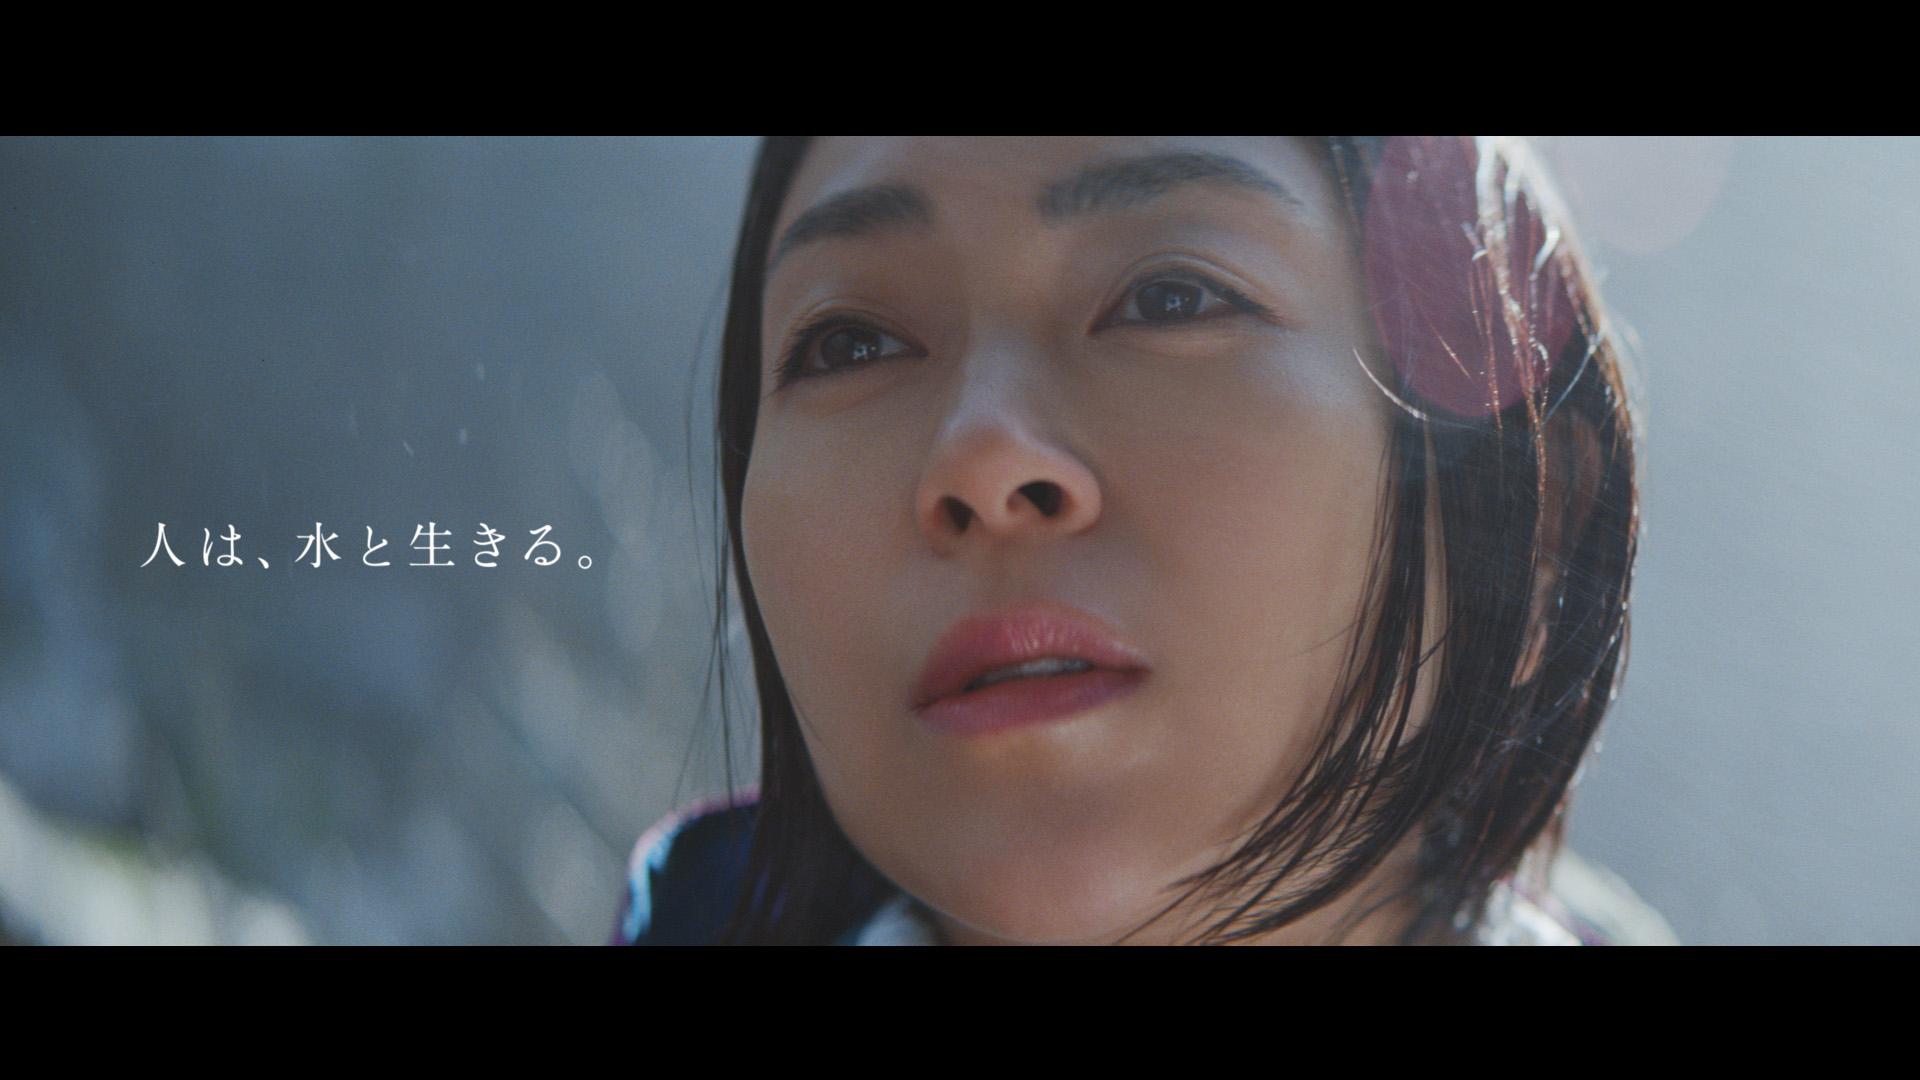 宇多田ヒカル、滝壺でハードな撮影に挑戦!「サントリー天然水」新TVCM